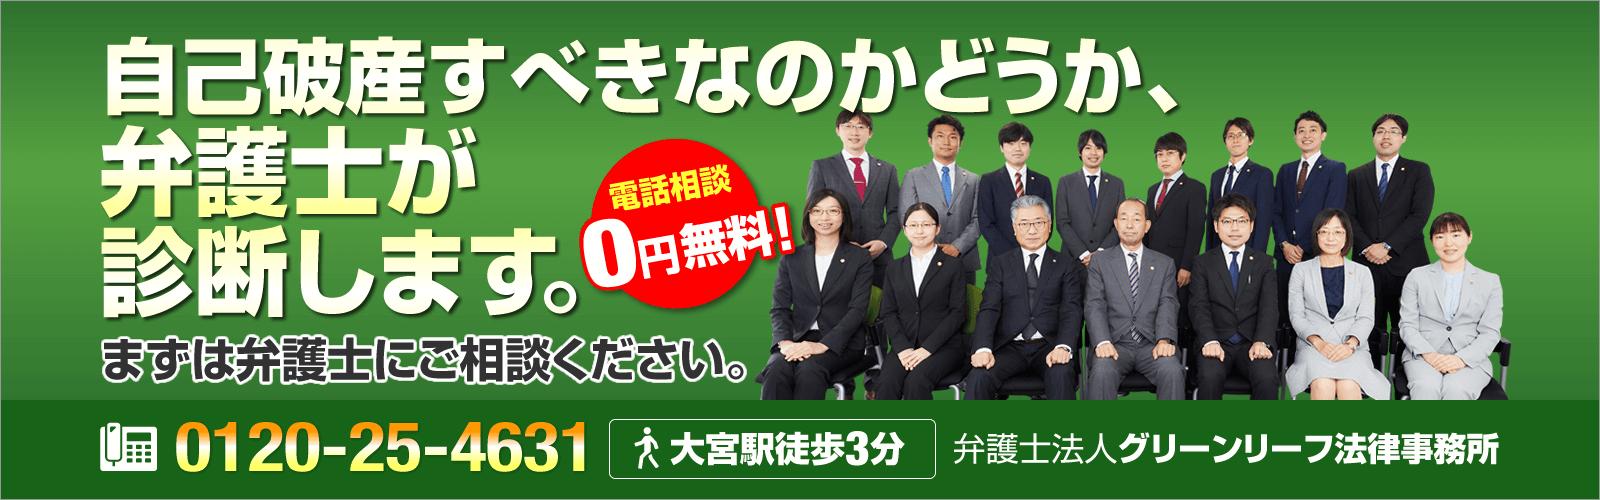 埼玉の弁護士による自己破産の無料相談